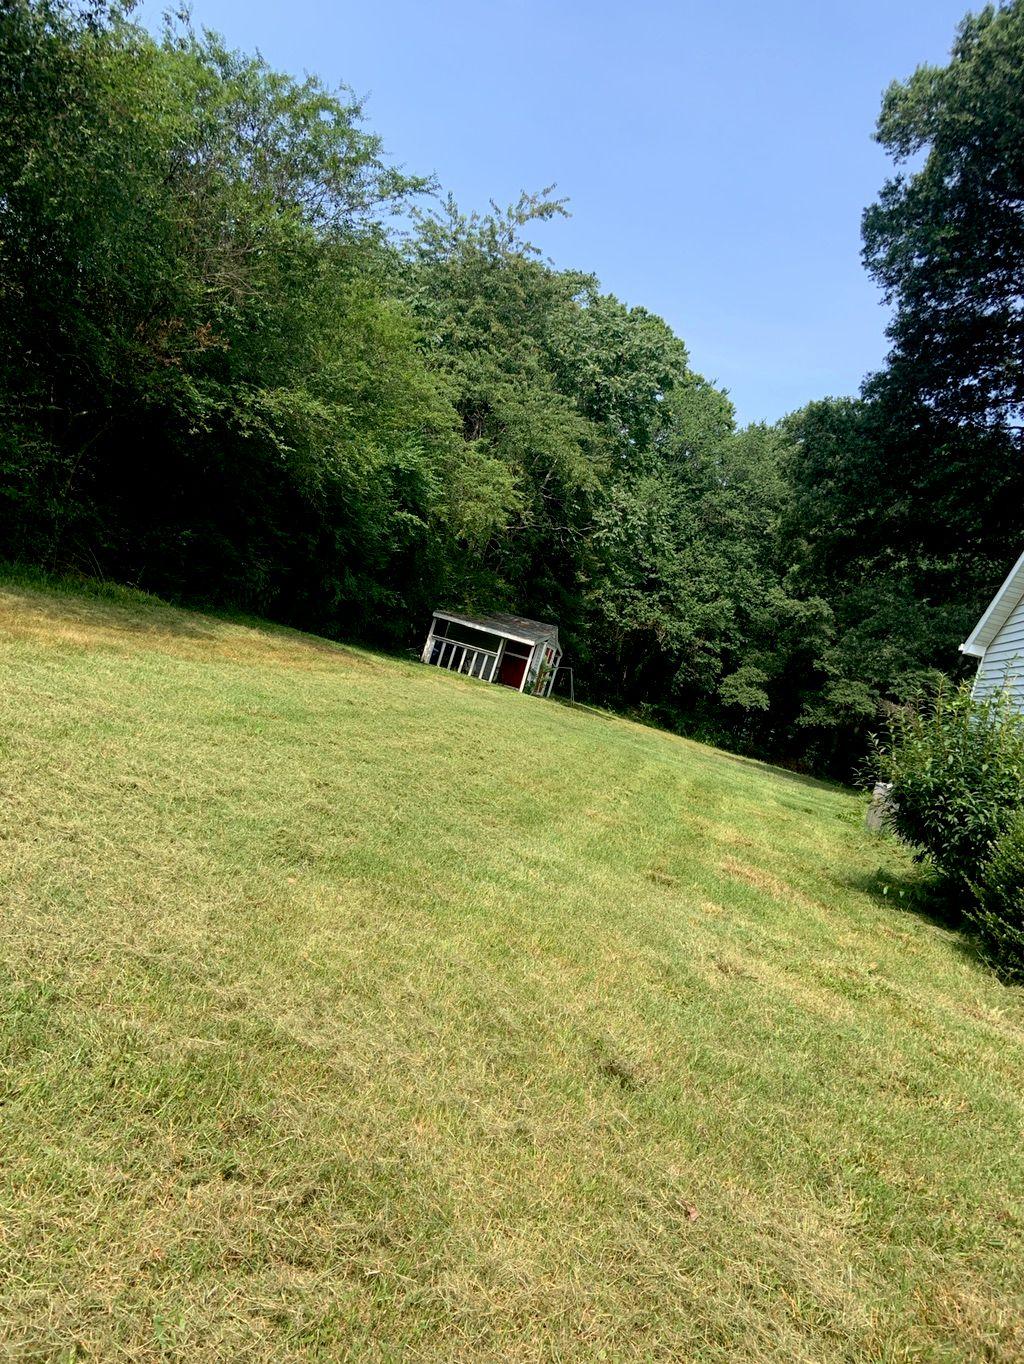 Quantay Lawn Care